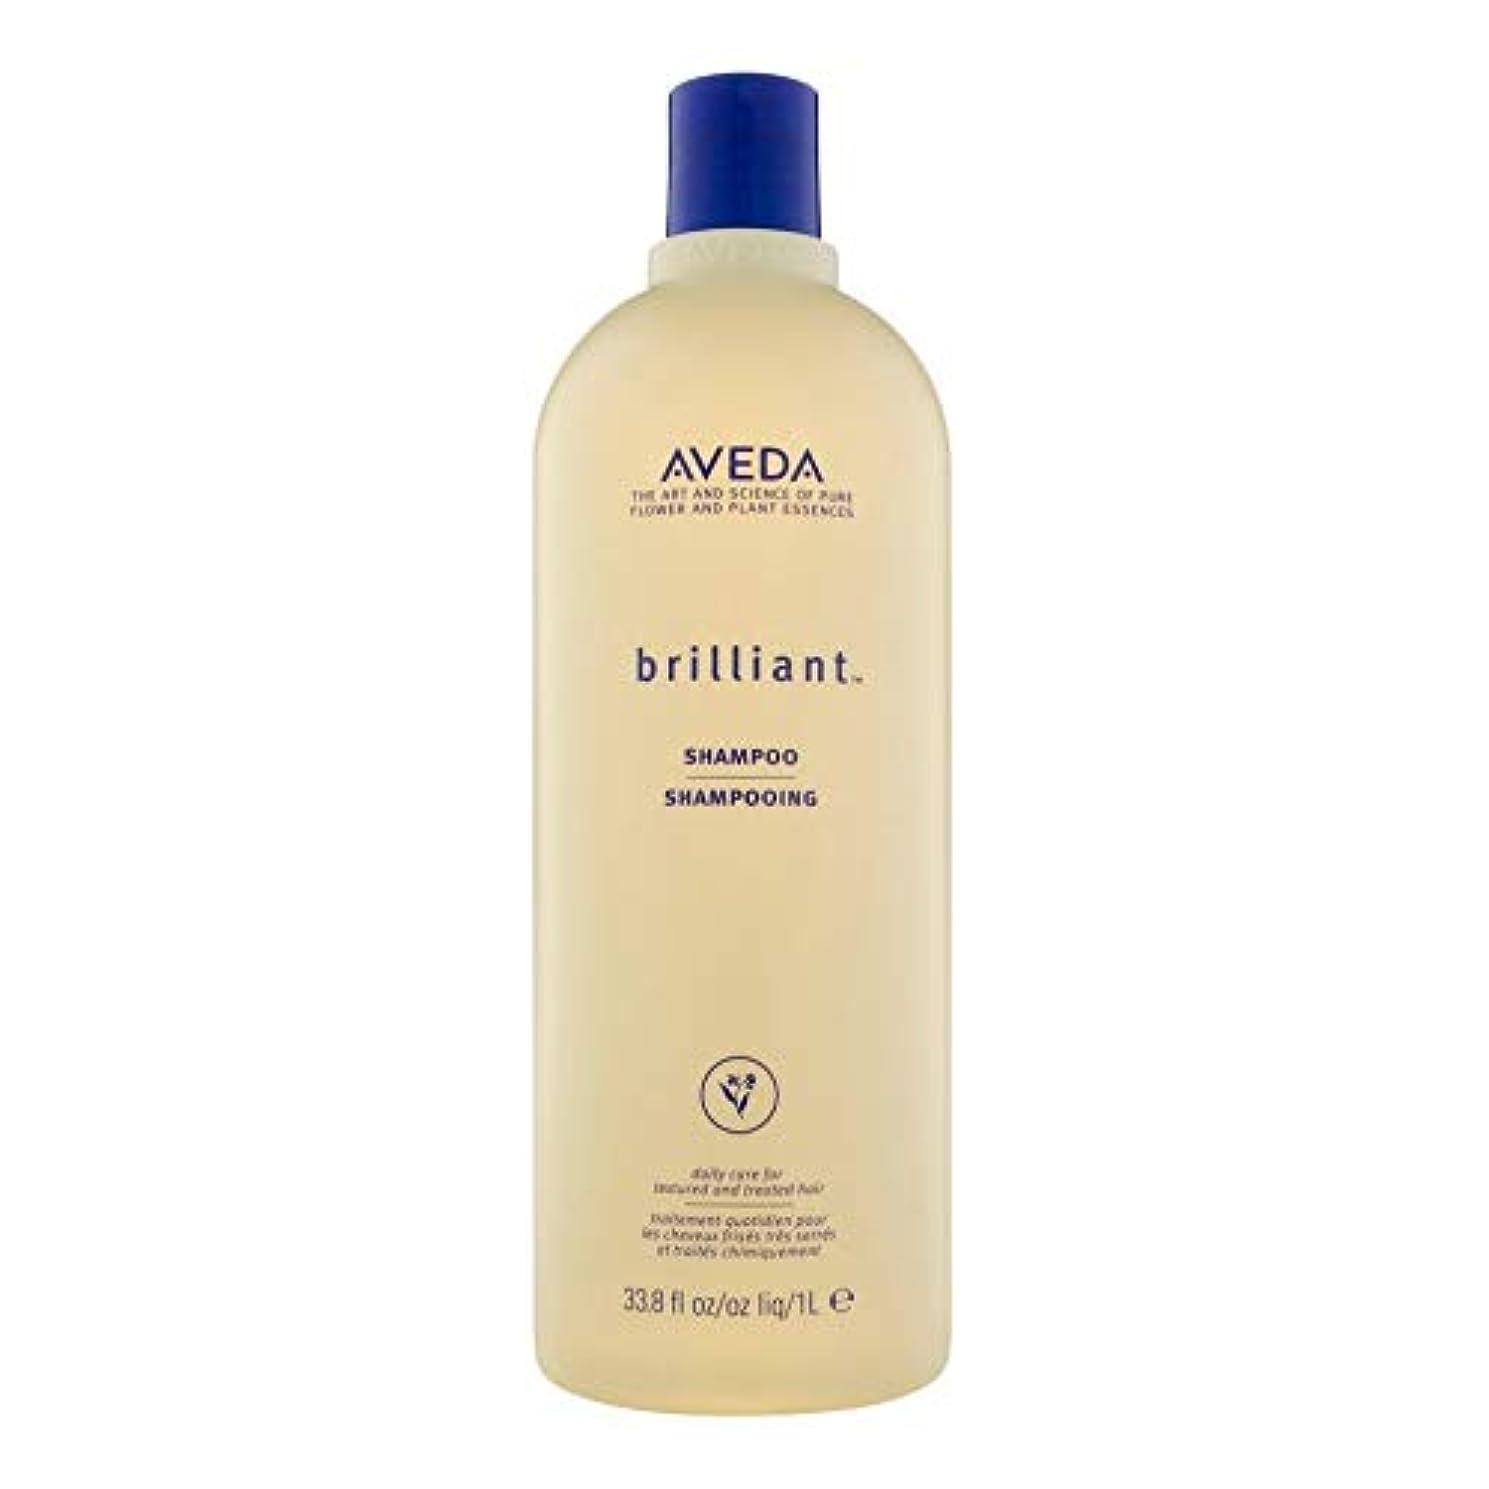 ツール擁する聖人[AVEDA ] アヴェダ華麗なシャンプー1リットル - Aveda Brilliant Shampoo 1L [並行輸入品]